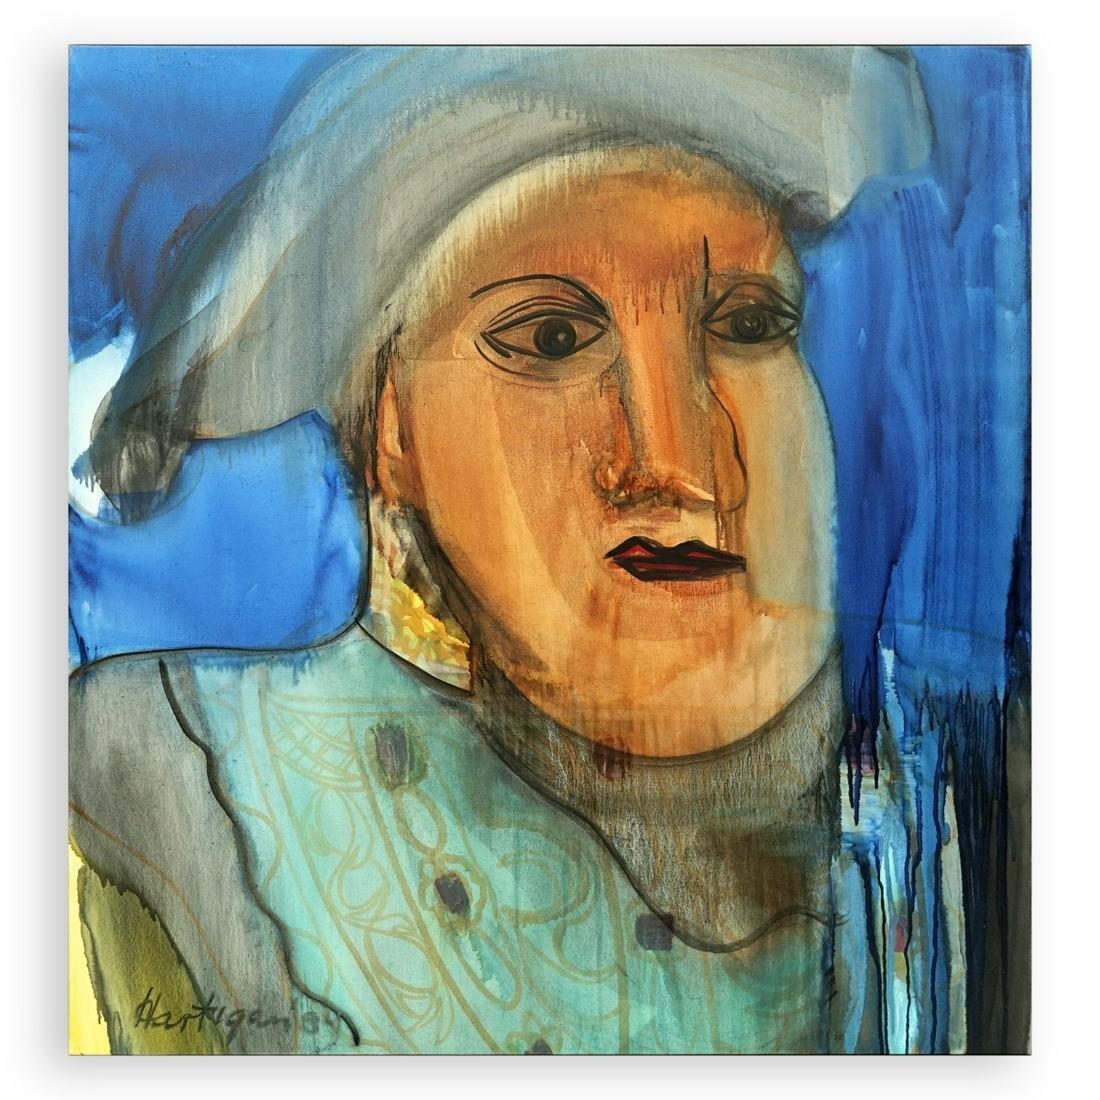 Grace Hartigan, American (1922 - 2008)